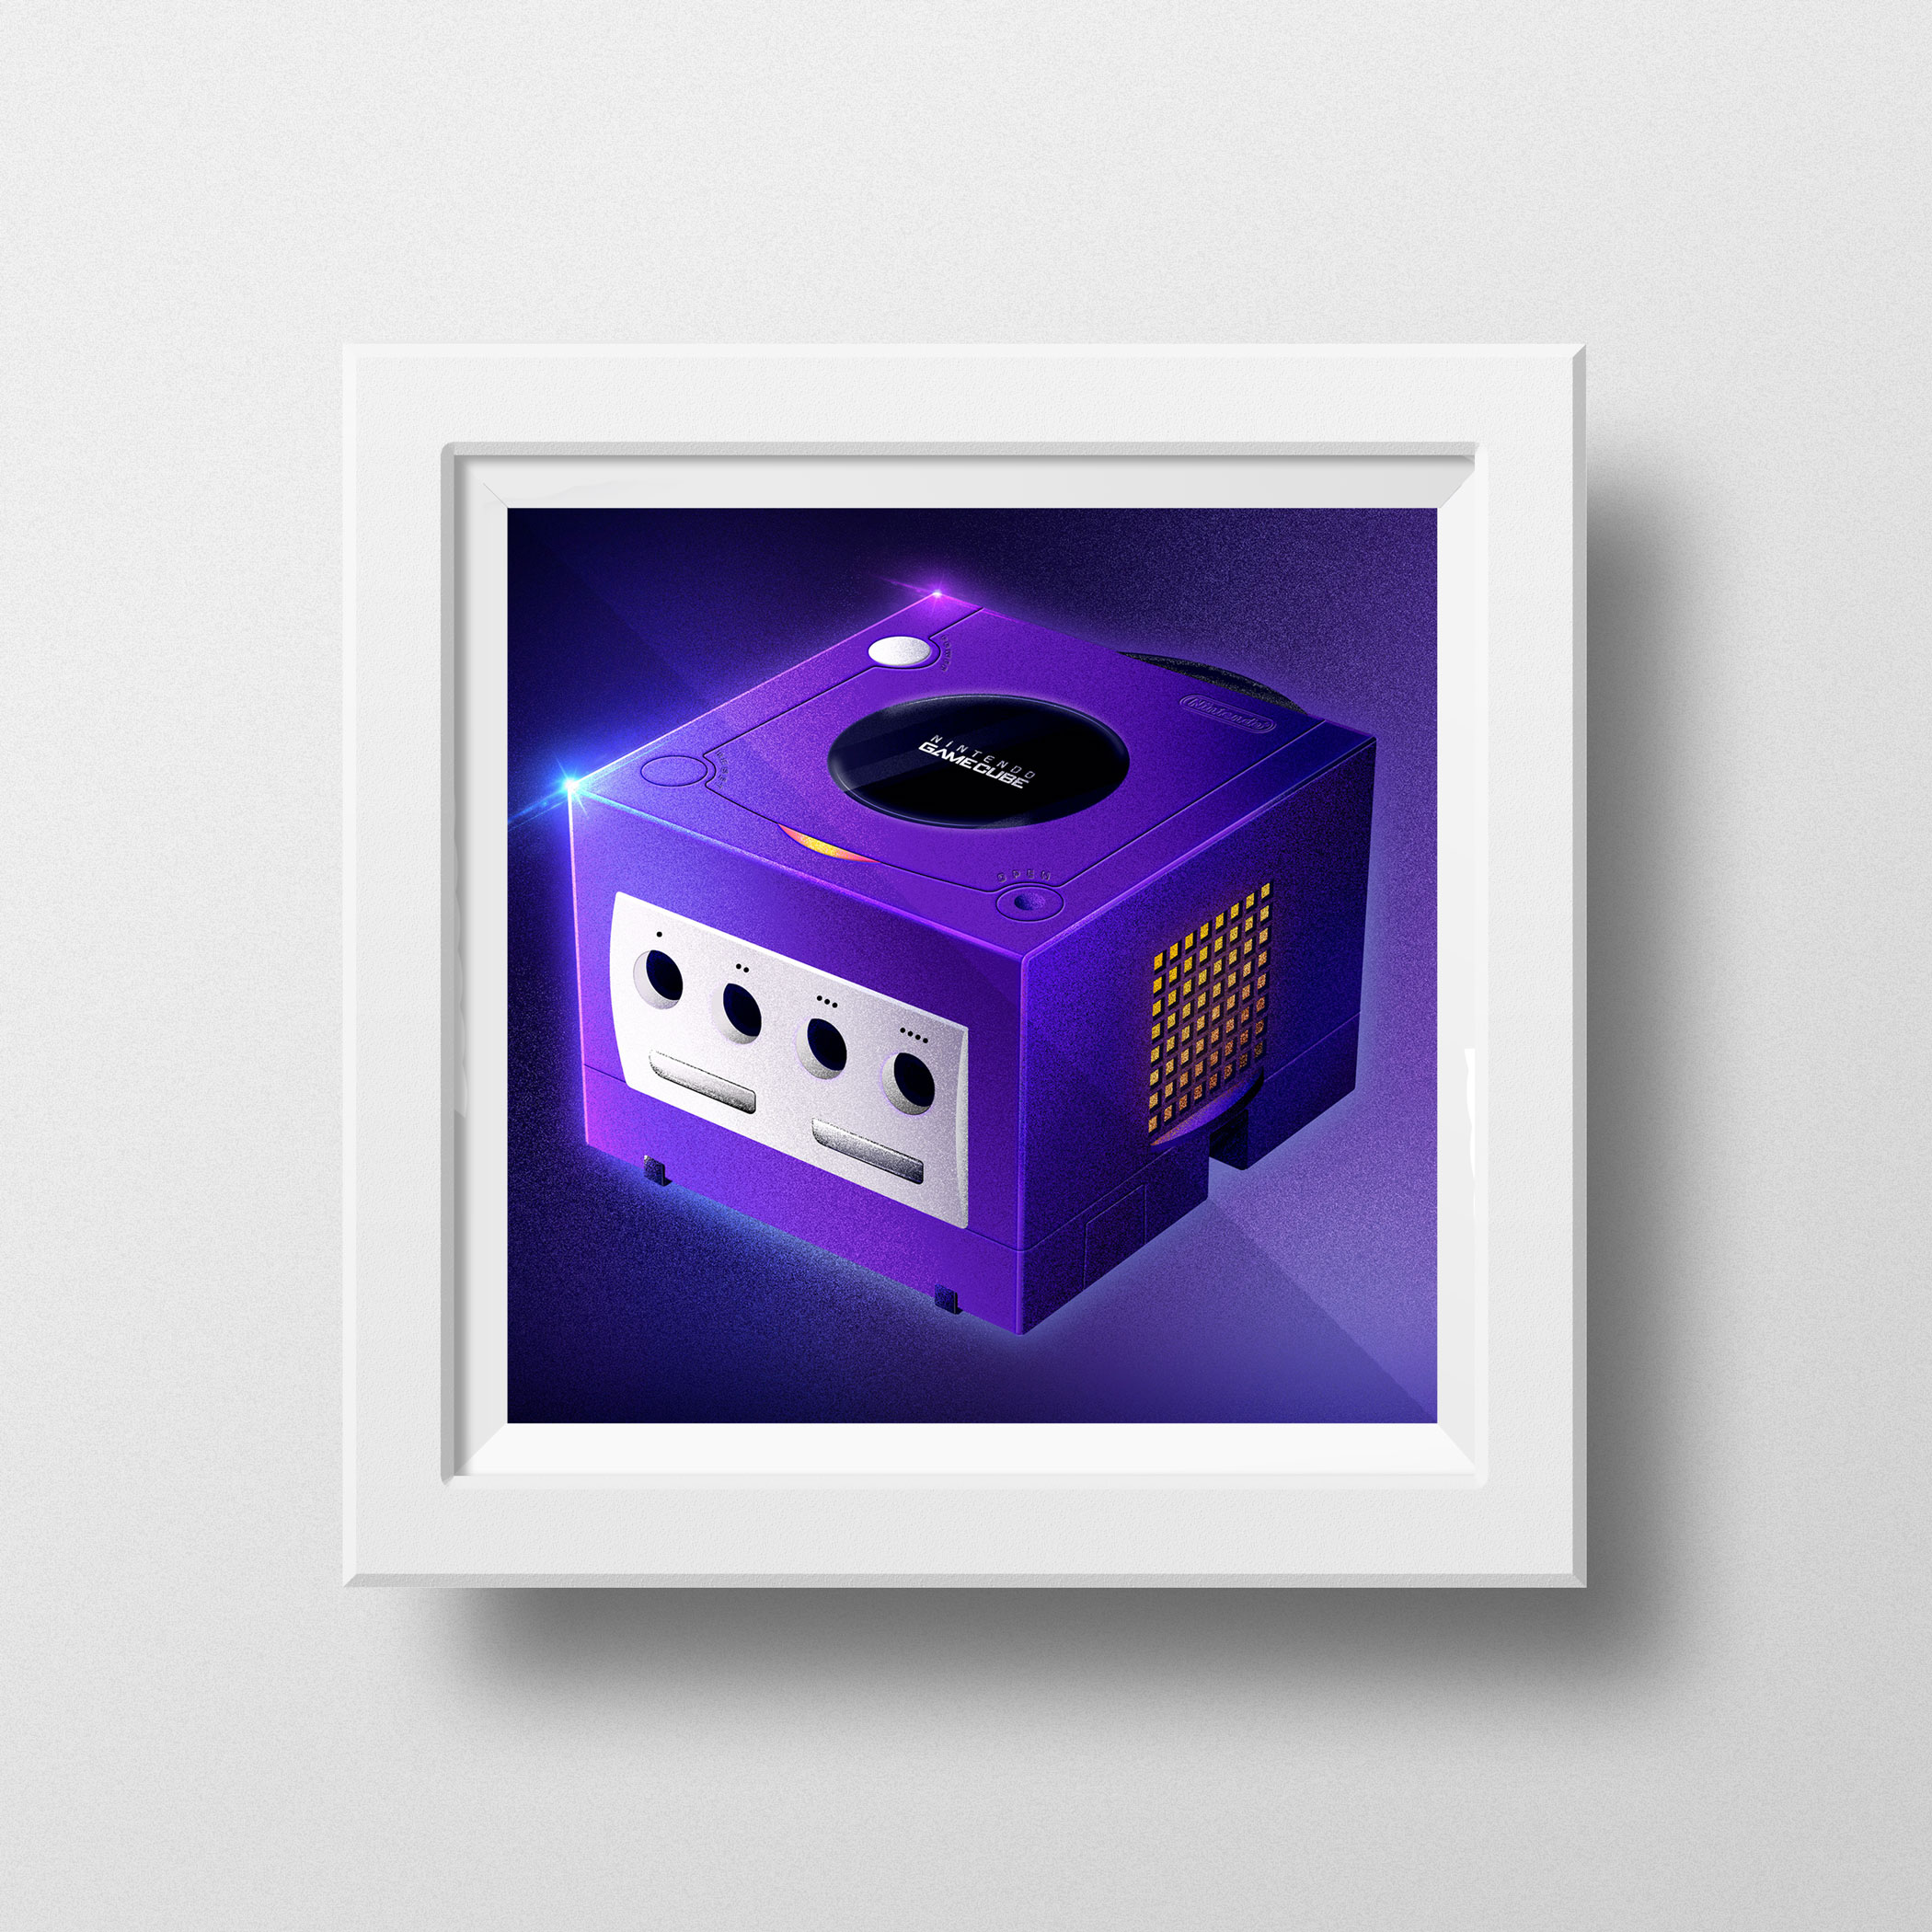 Gamecube_square